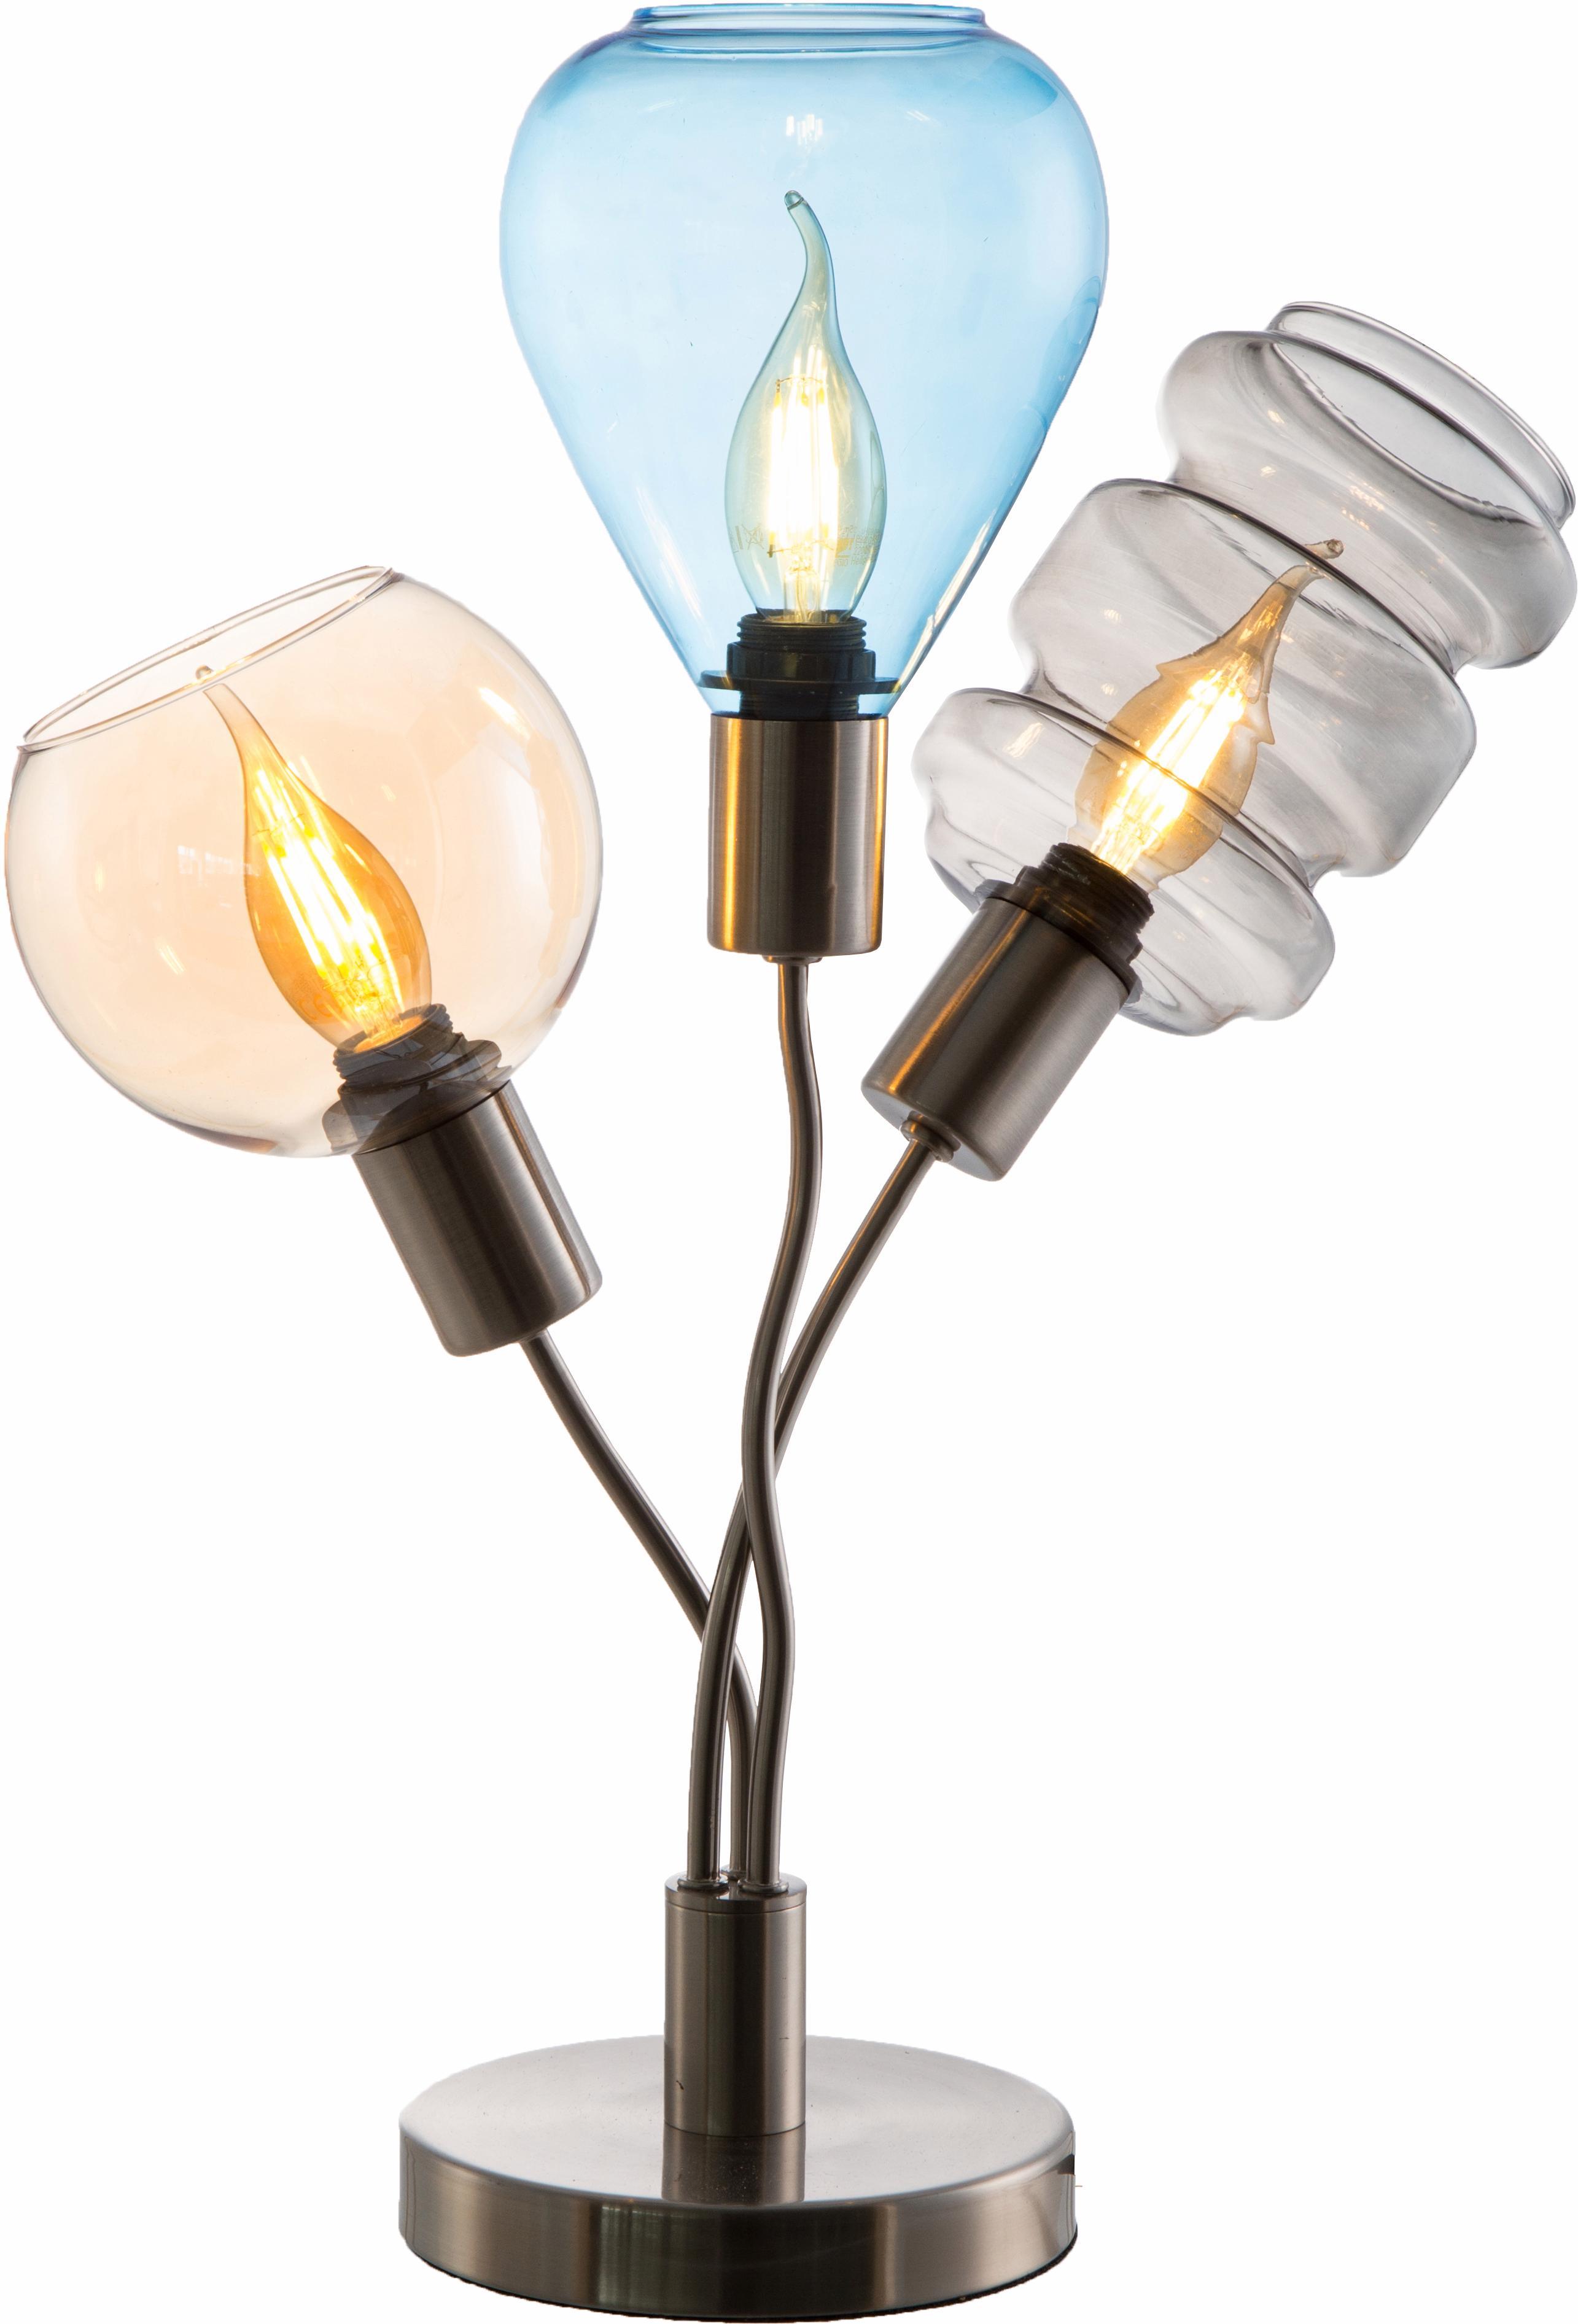 Nino Leuchten Tischleuchte PESARO, E14